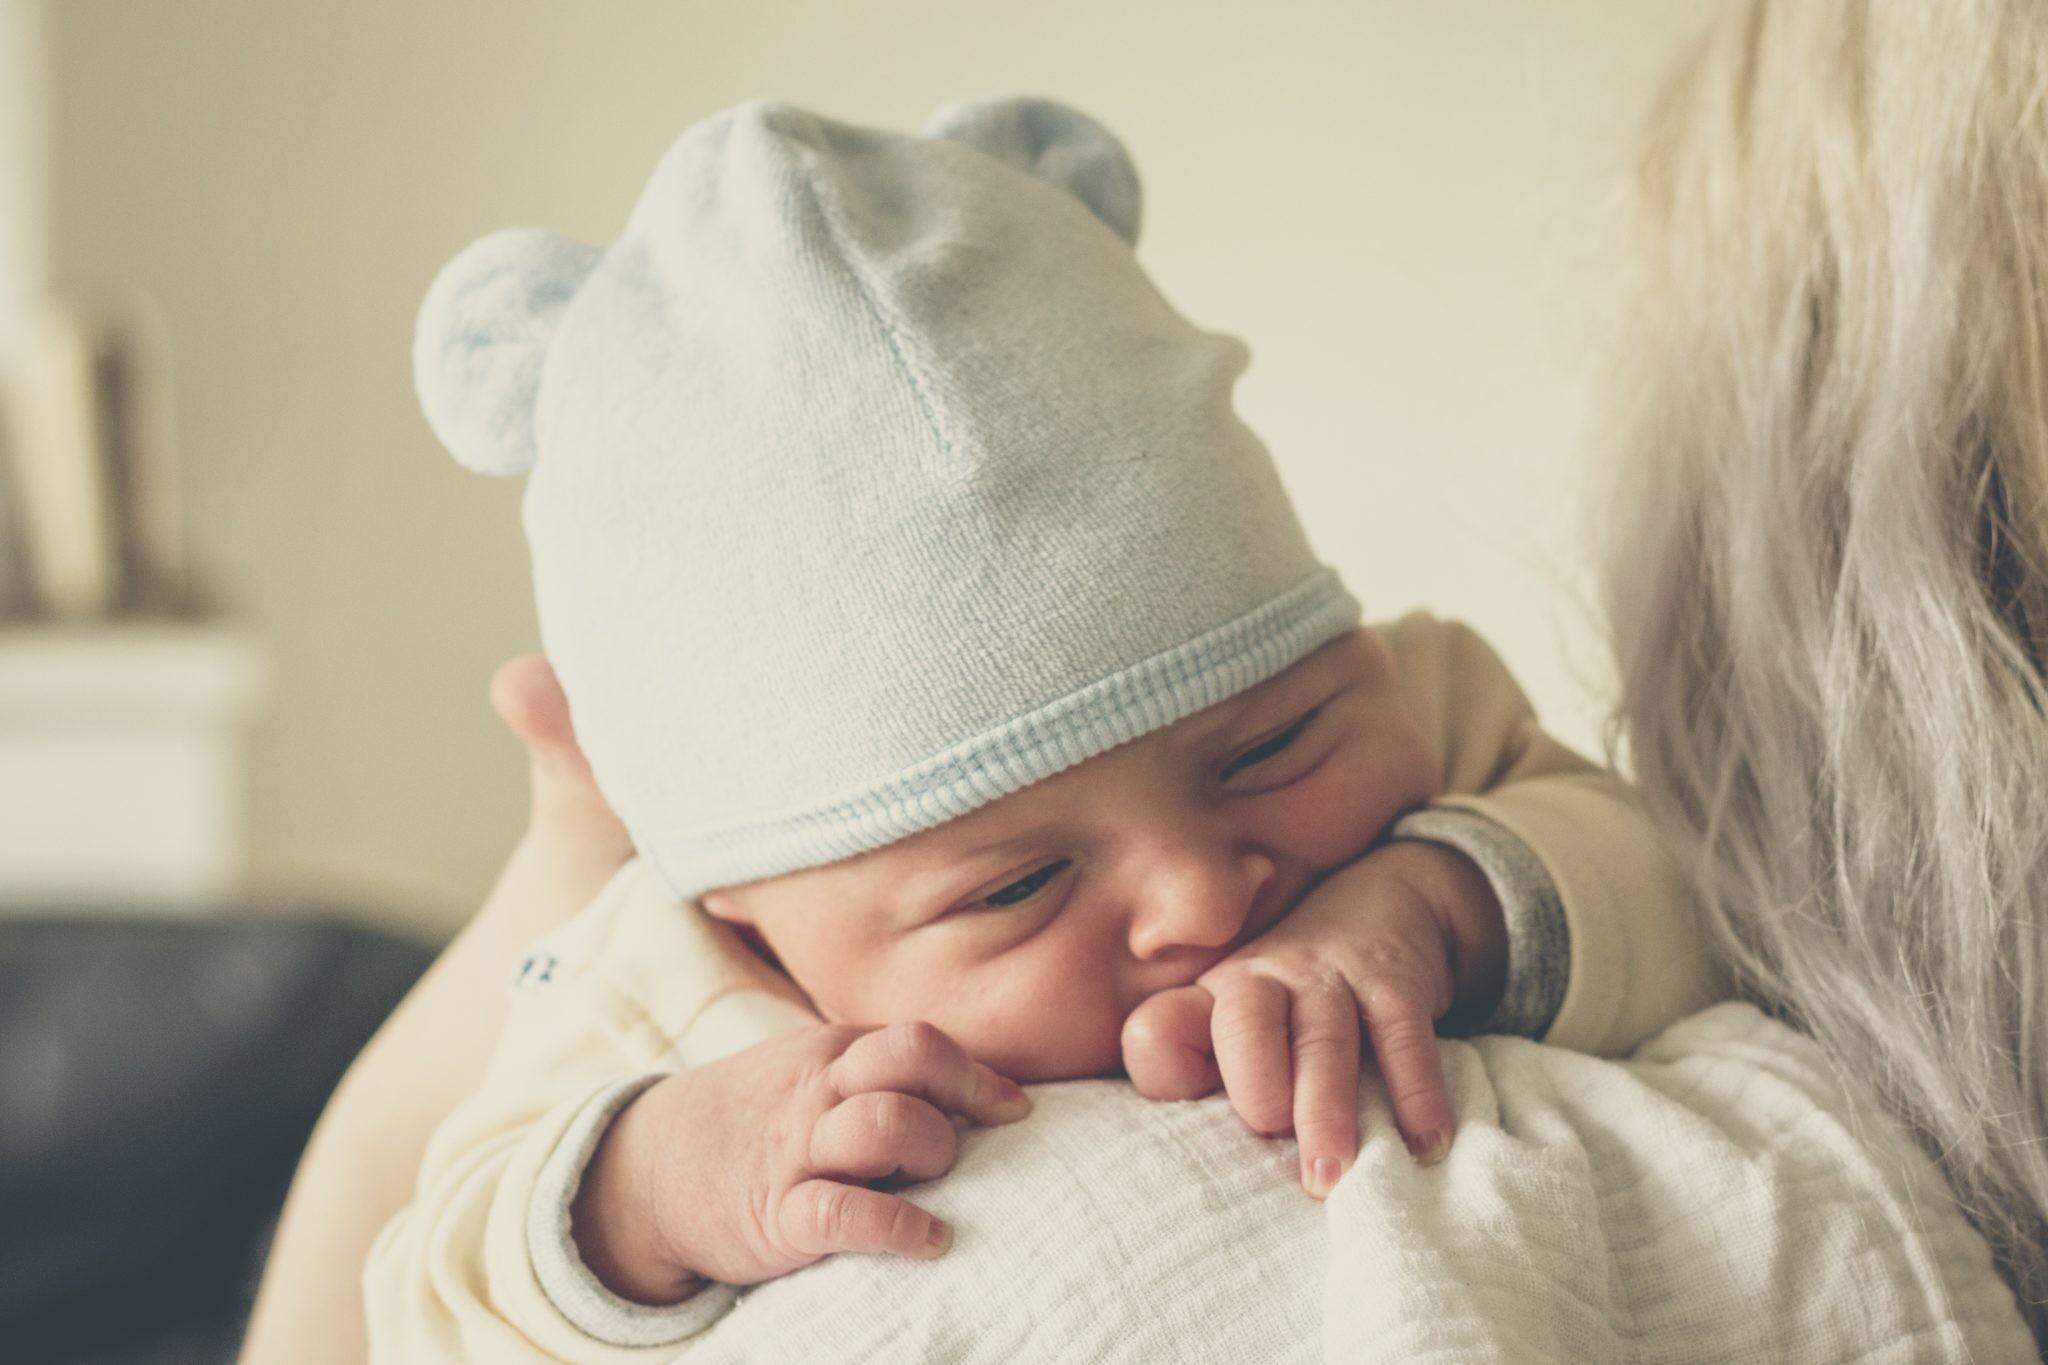 Как легко и просто укладывать ребенка спать?